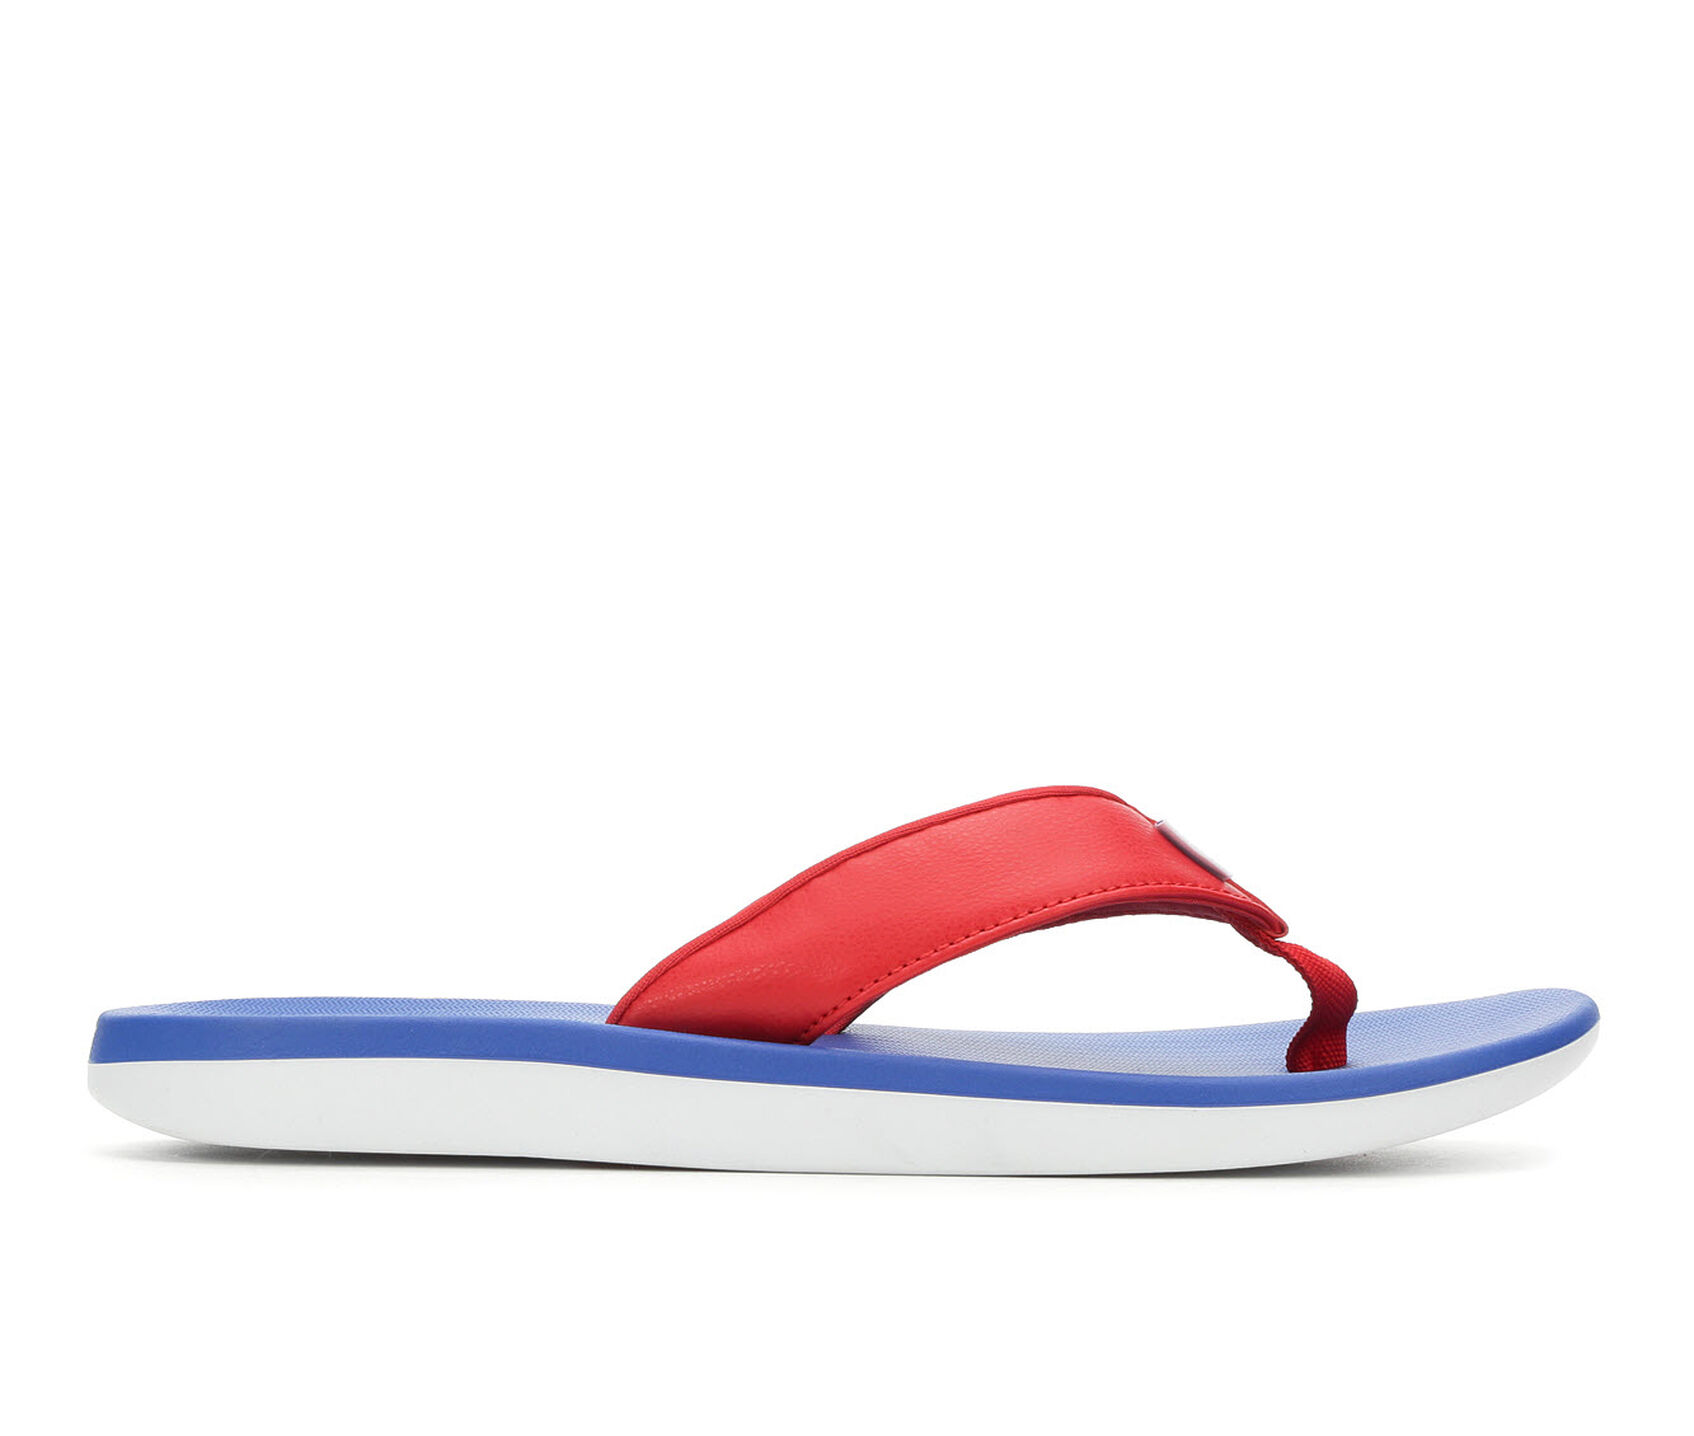 new product 622e8 5c1c6 Men's Nike Kepa Kai Flip-Flops